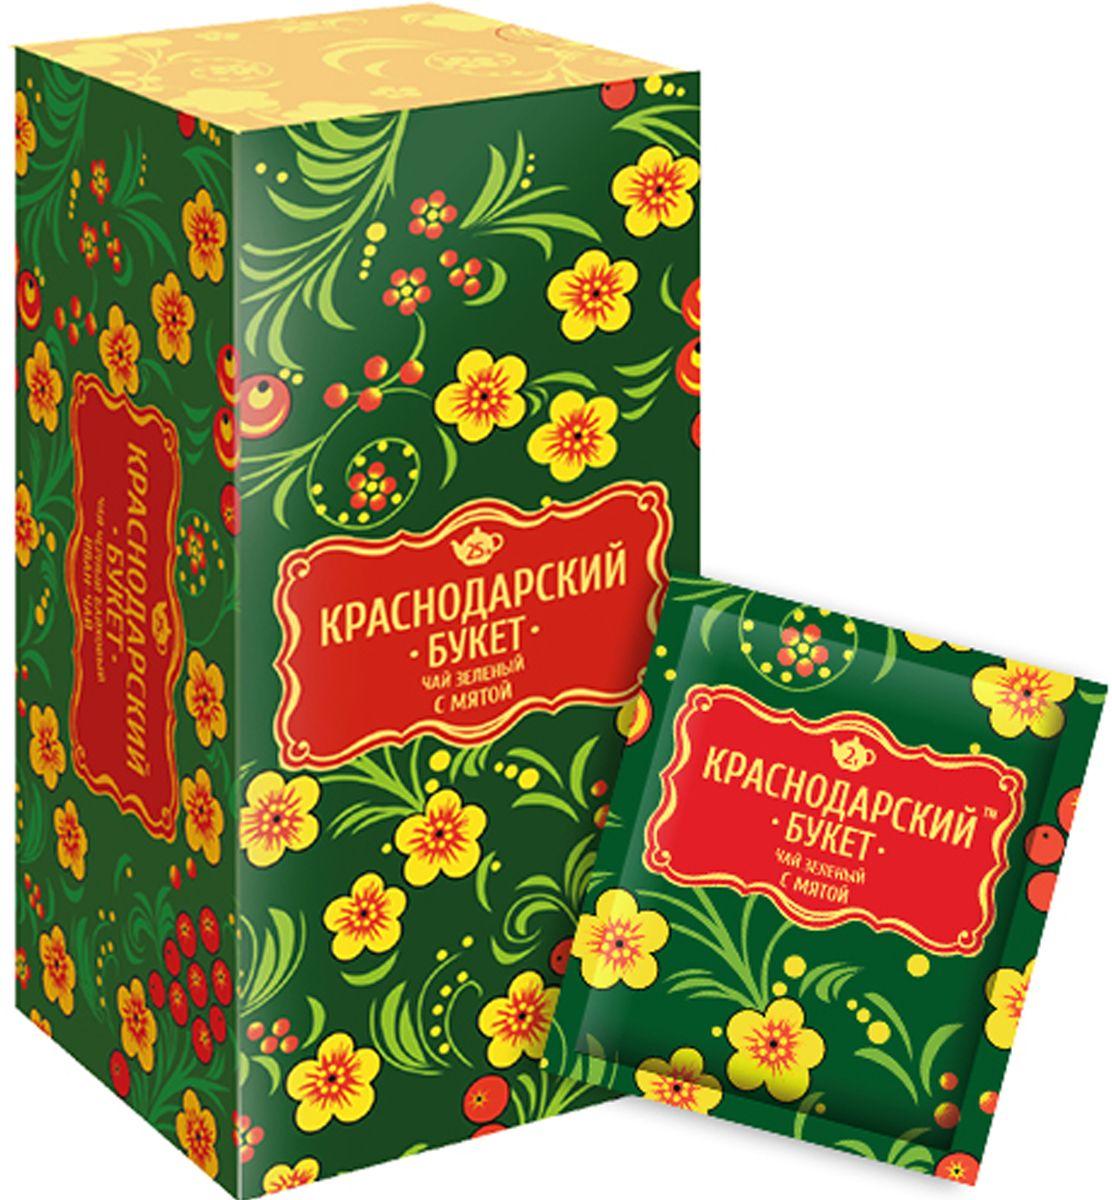 Краснодарский букет чай зеленый с мятой в пакетиках, 25 шт jd коллекция мощная версия восьми наборов мятой зеленого дефолт